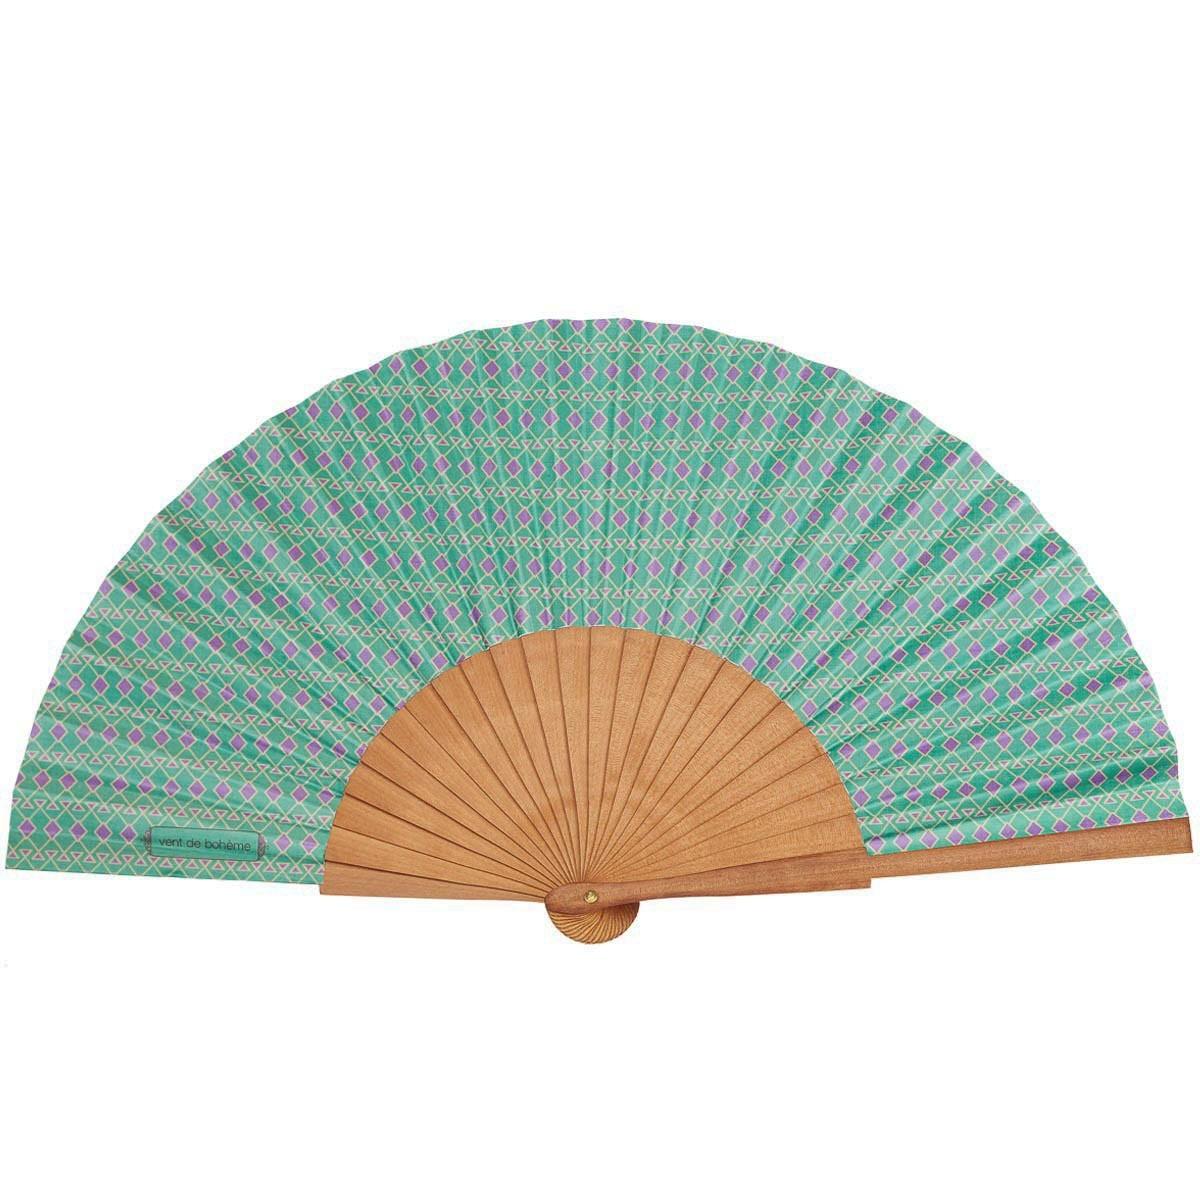 Éventail en bois de merisier et coton imprimé vert